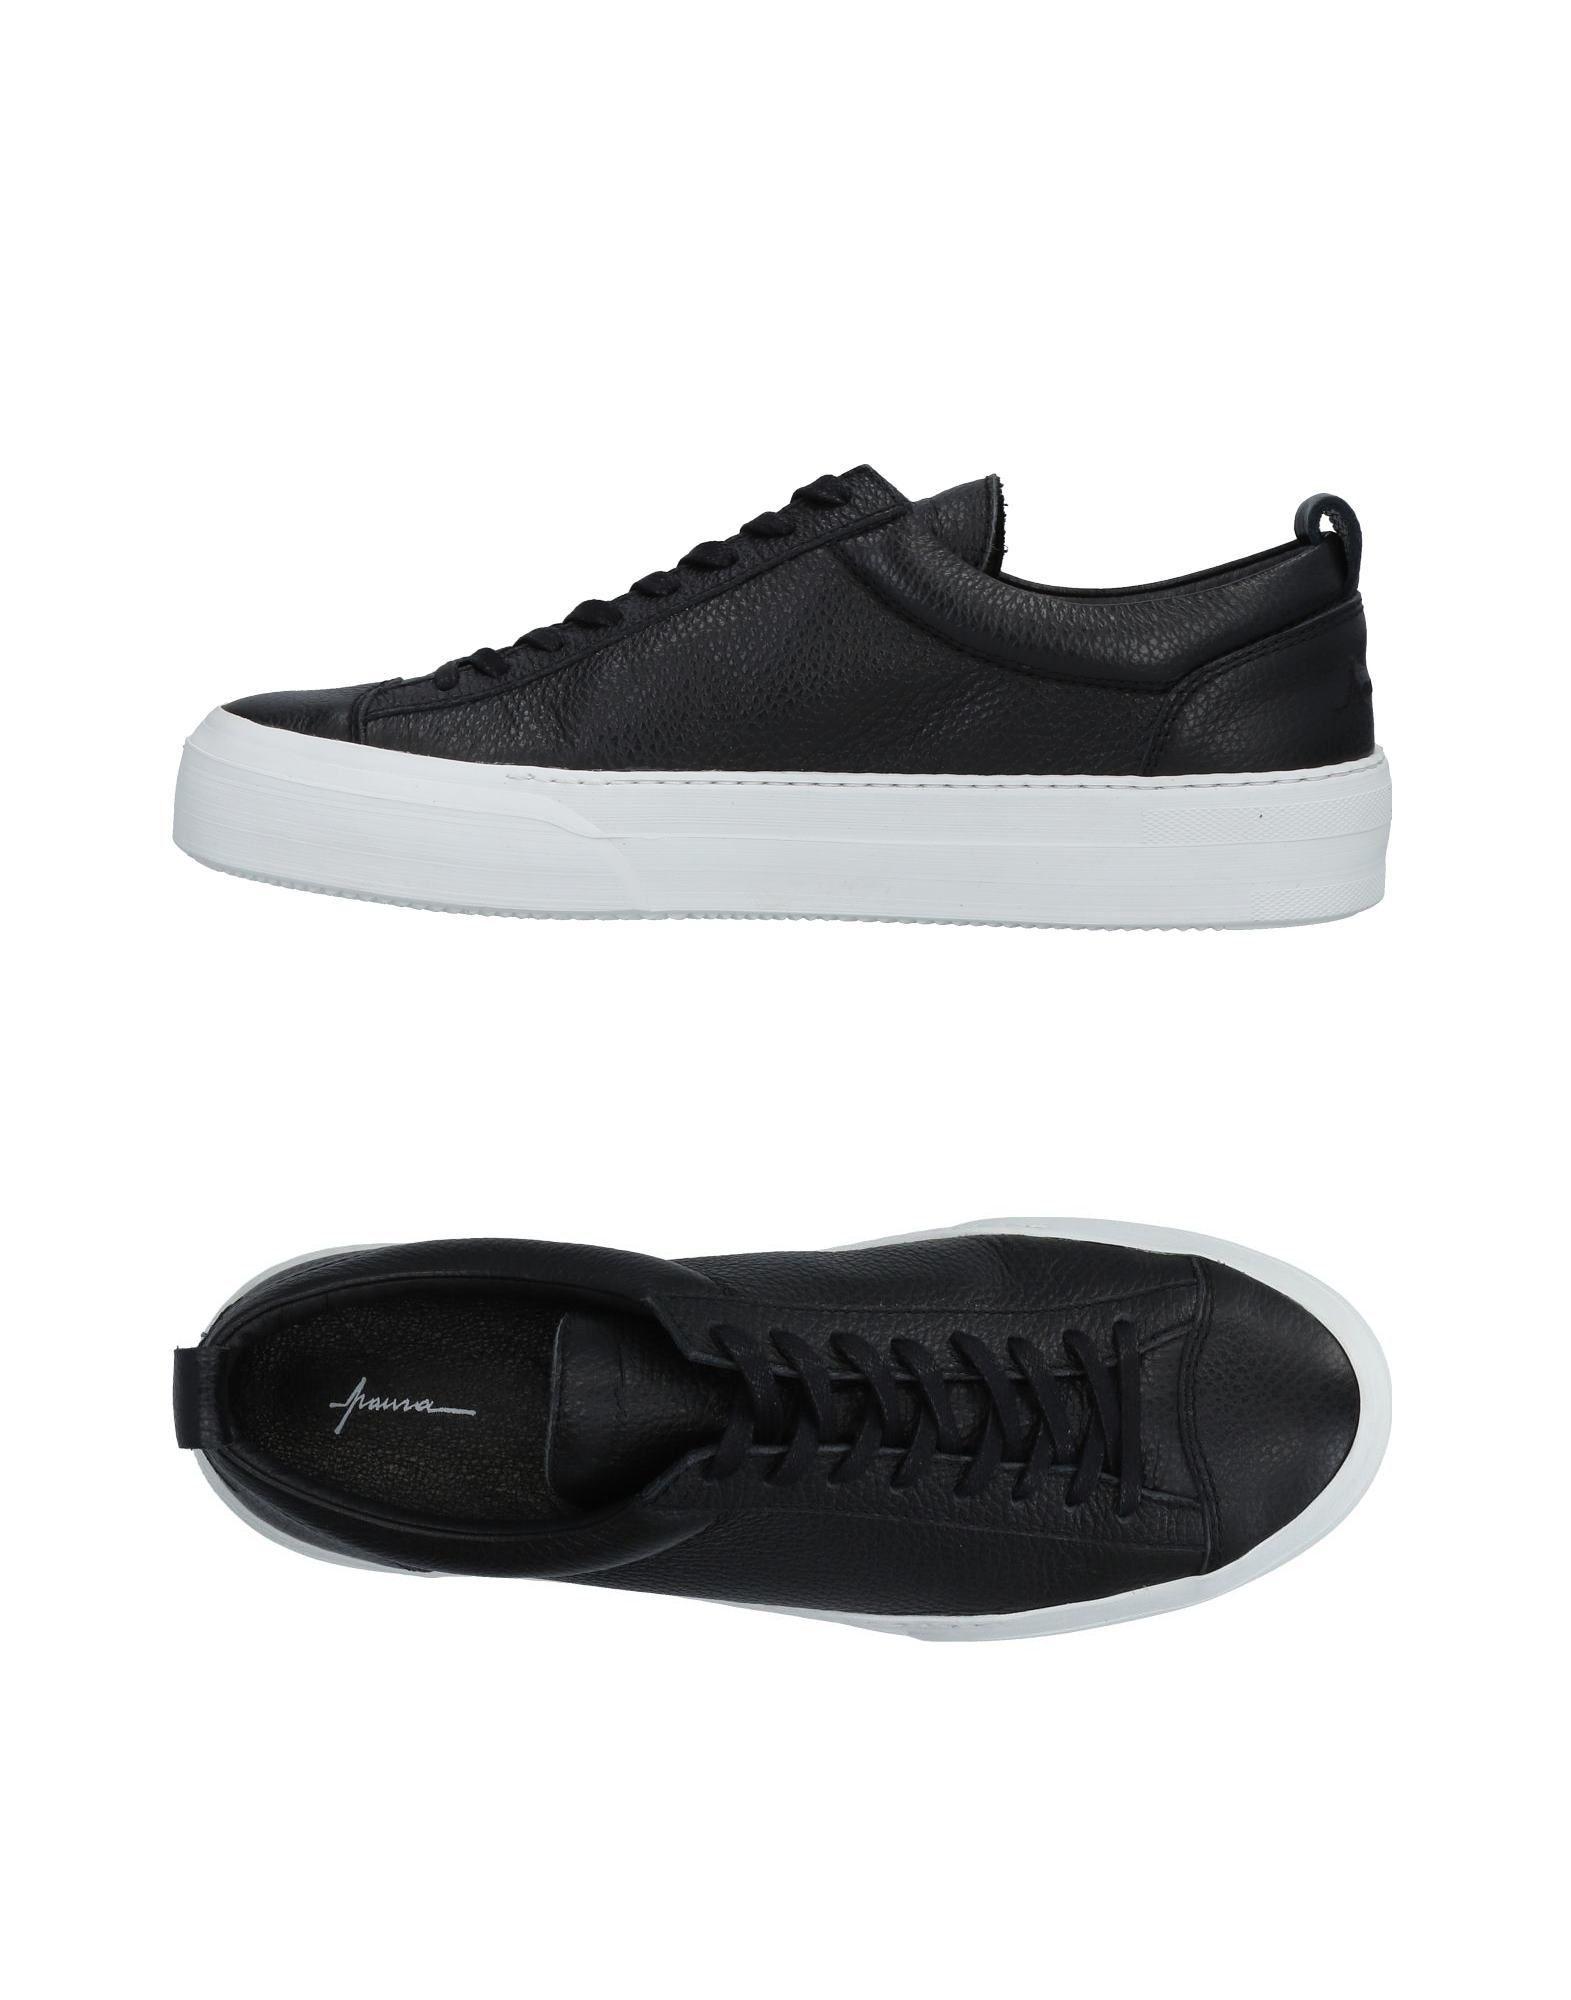 Rabatt echte Schuhe Paura Herren Sneakers Herren Paura  11475752HD e7e486